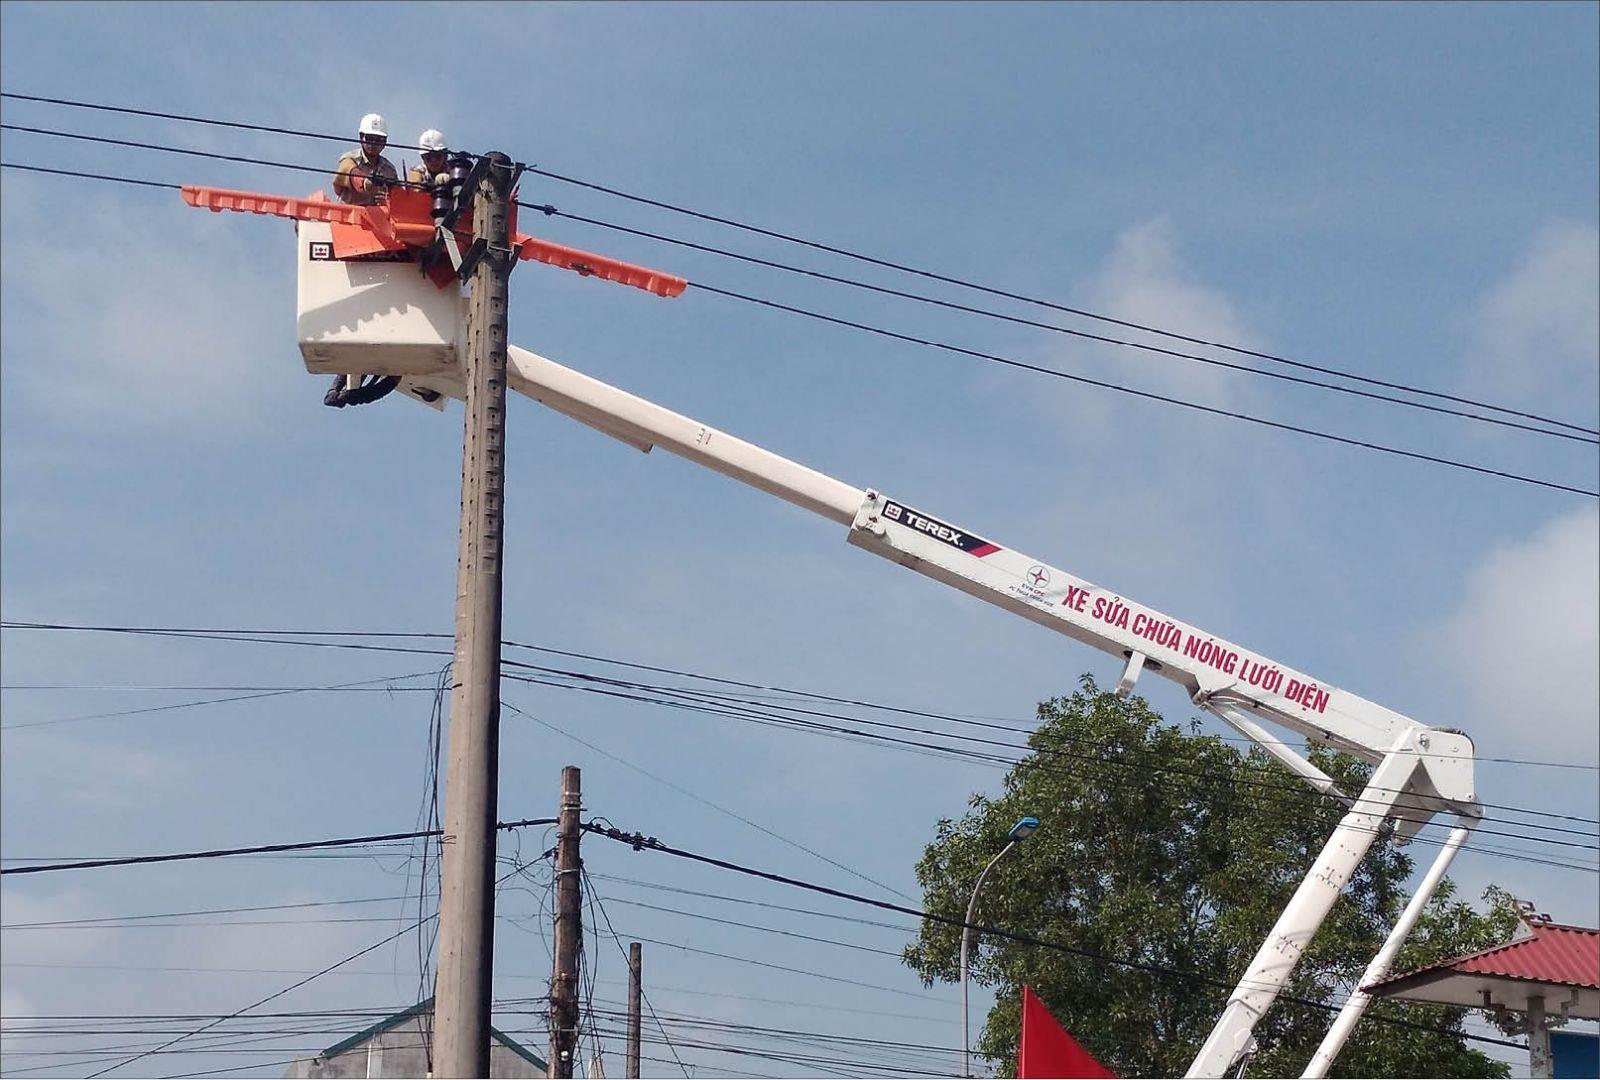 Xây dựng hệ thống lưới điện